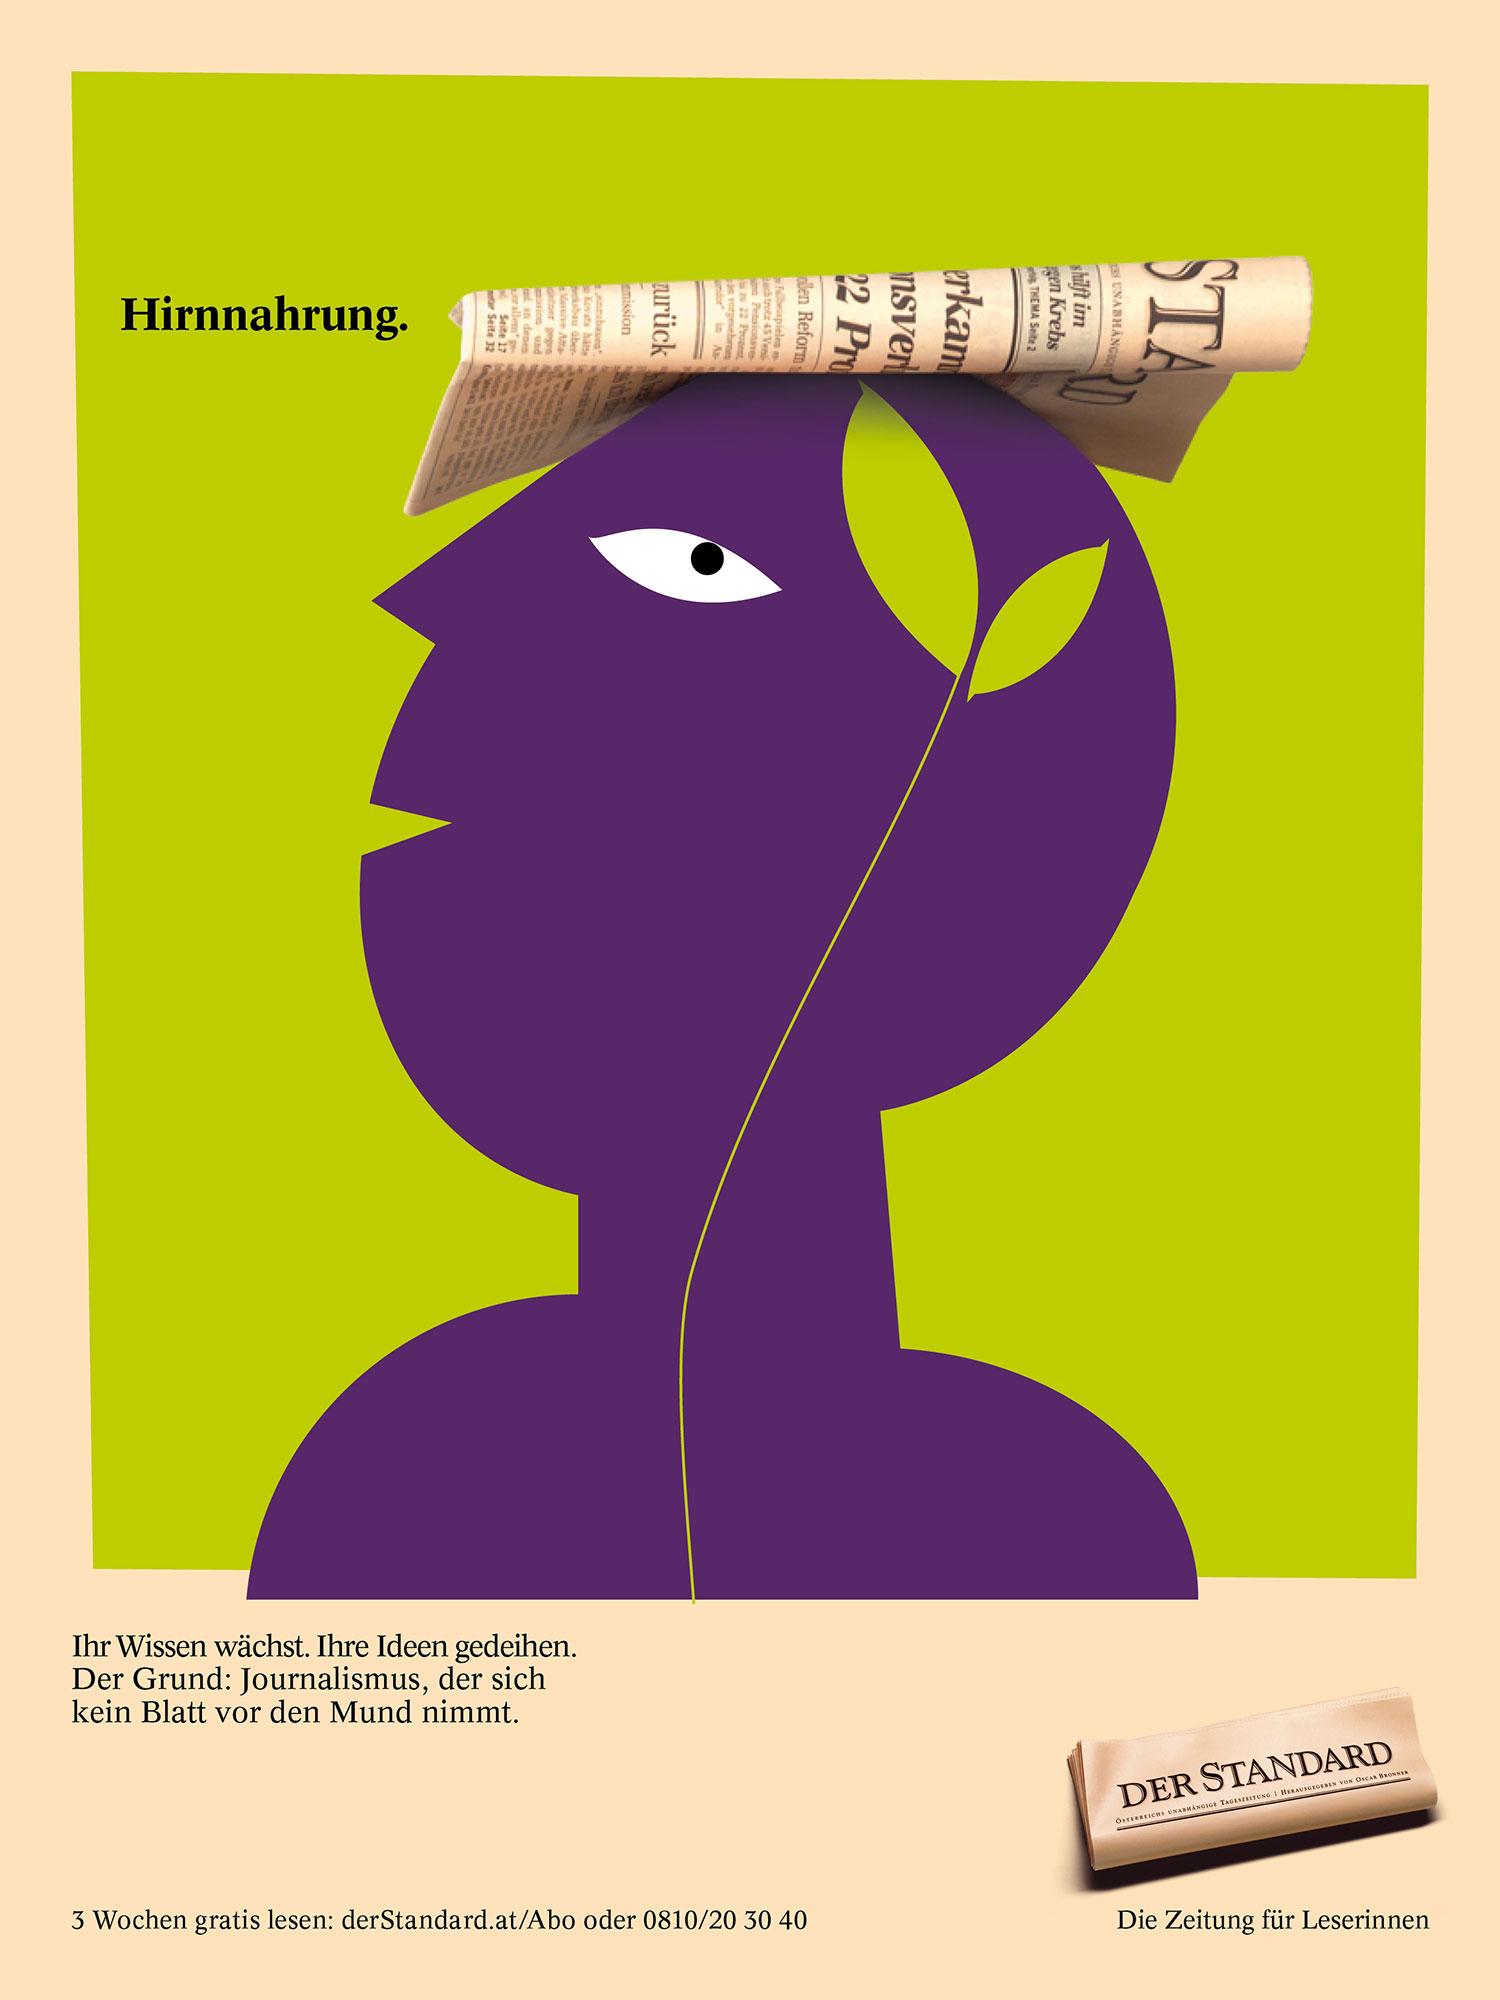 himmer buchheim imagekampagne derstandard